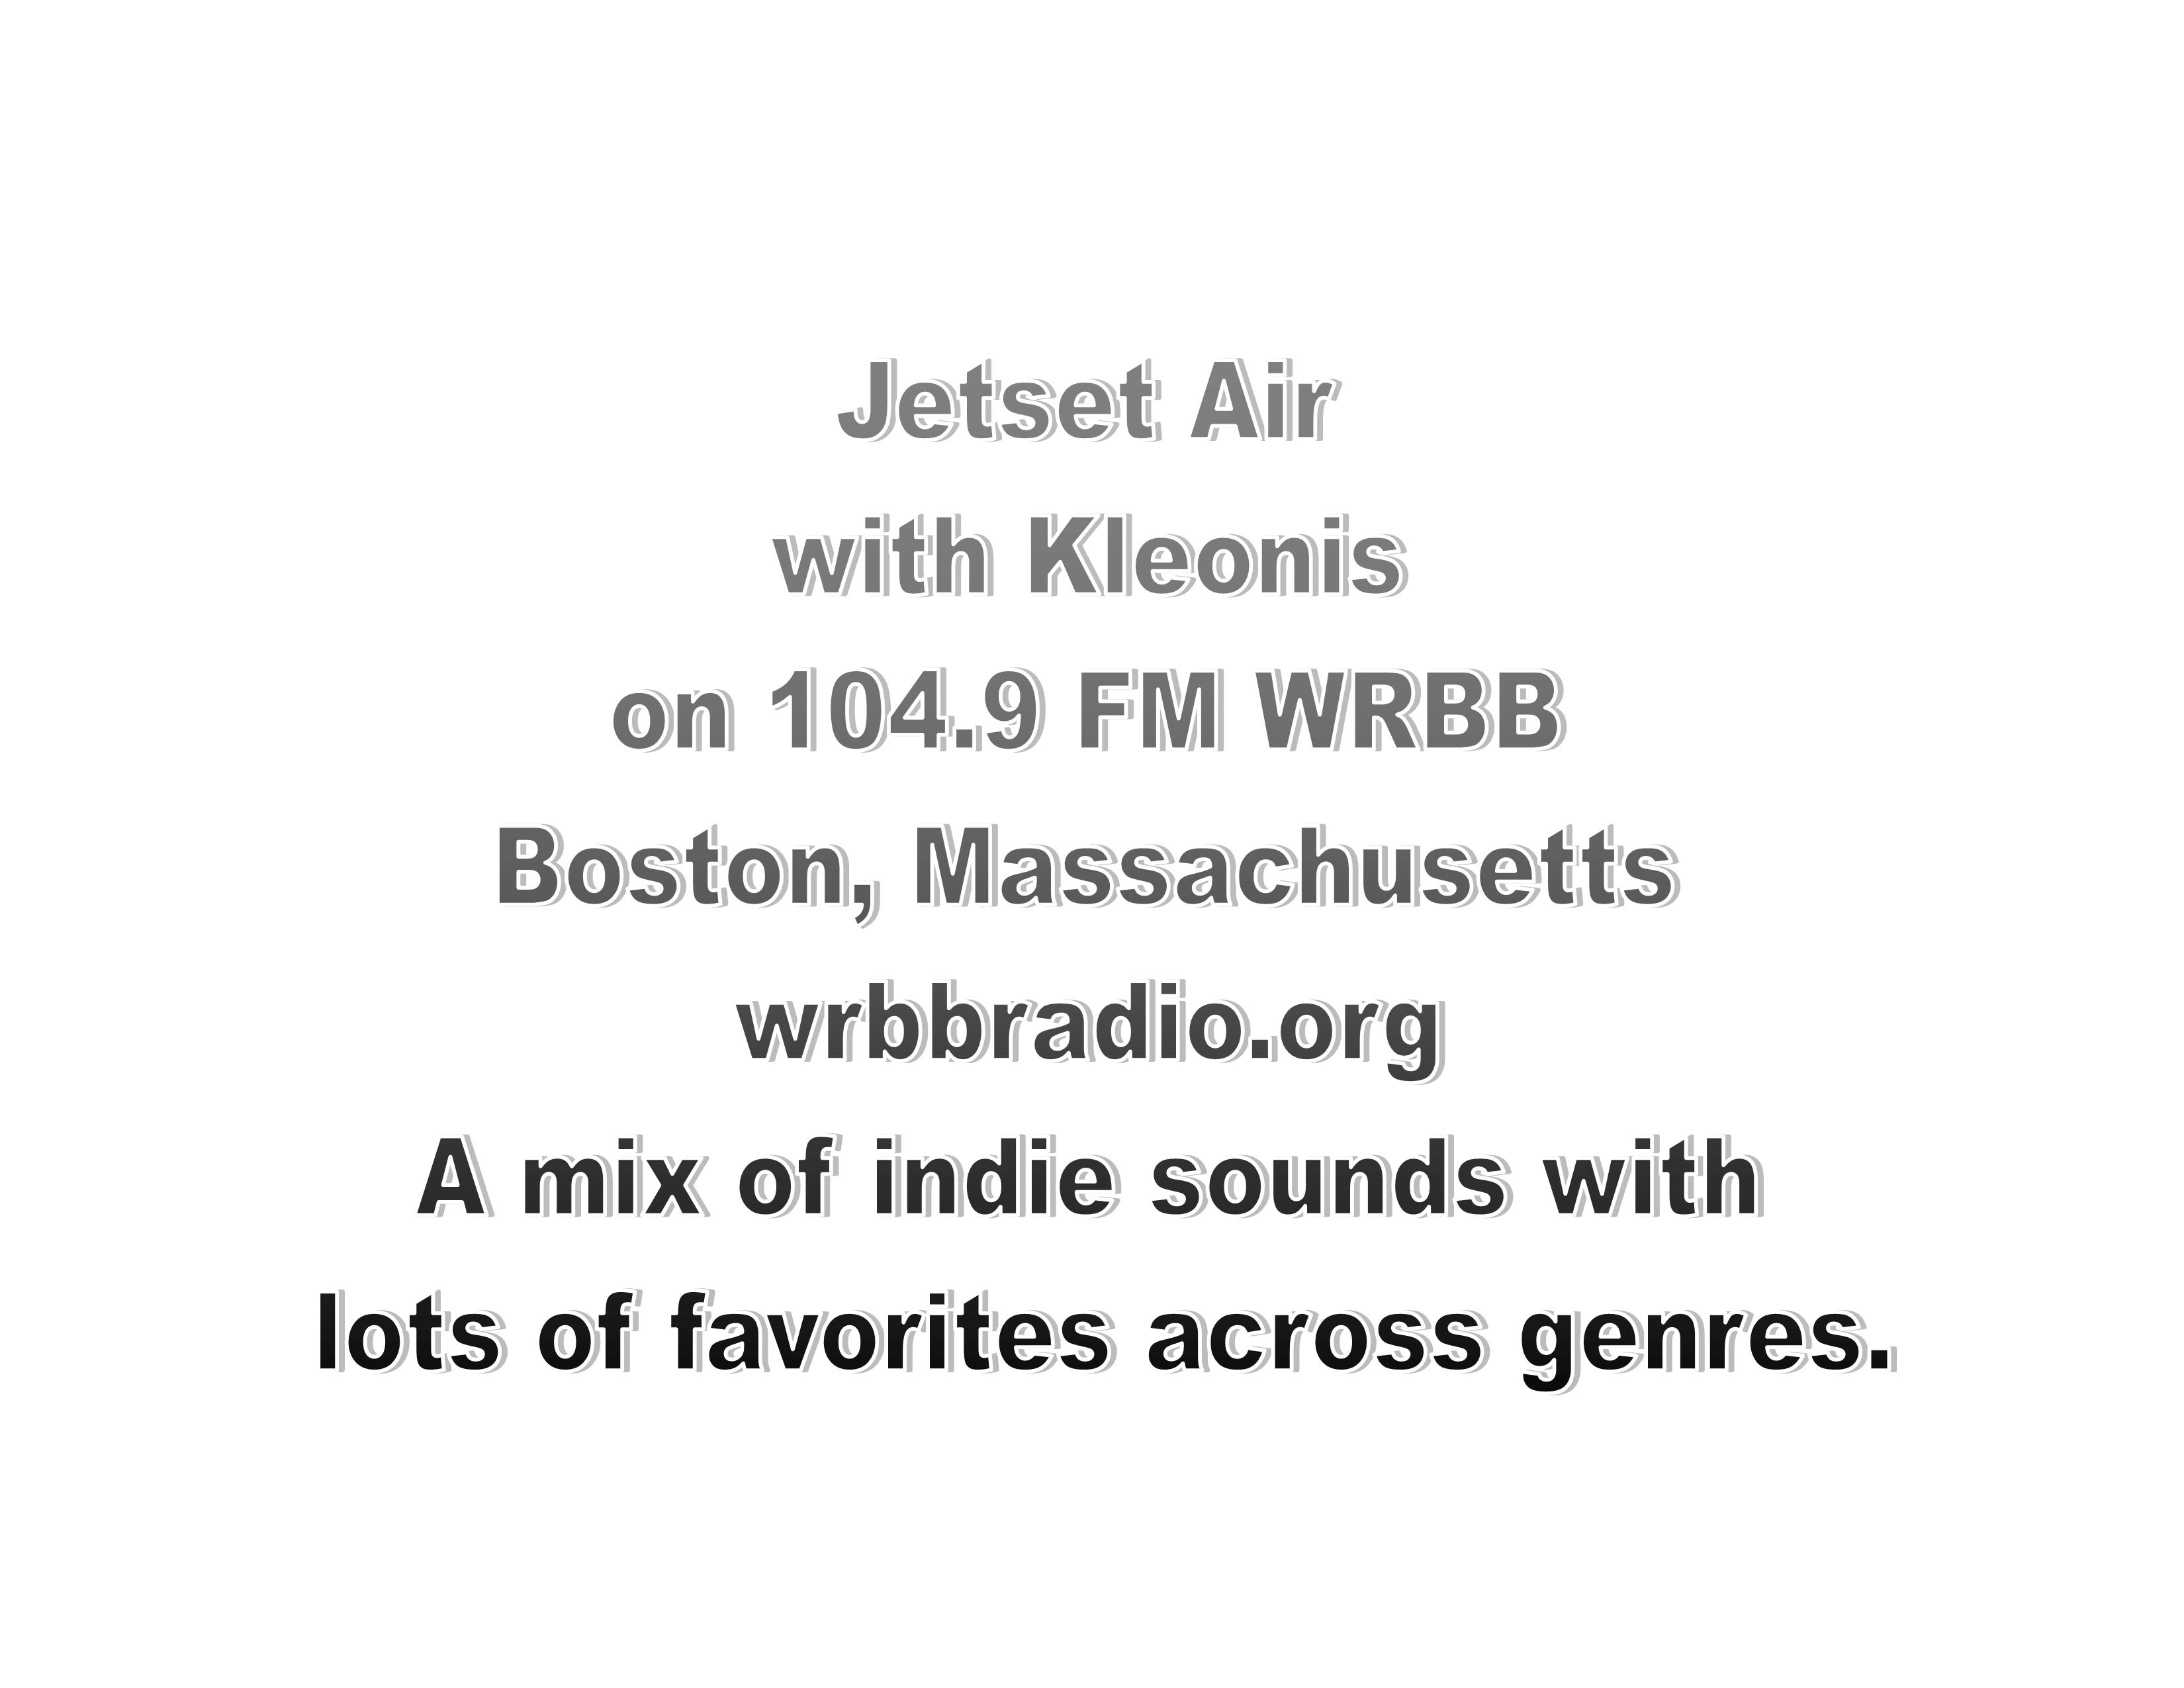 Jetset Air